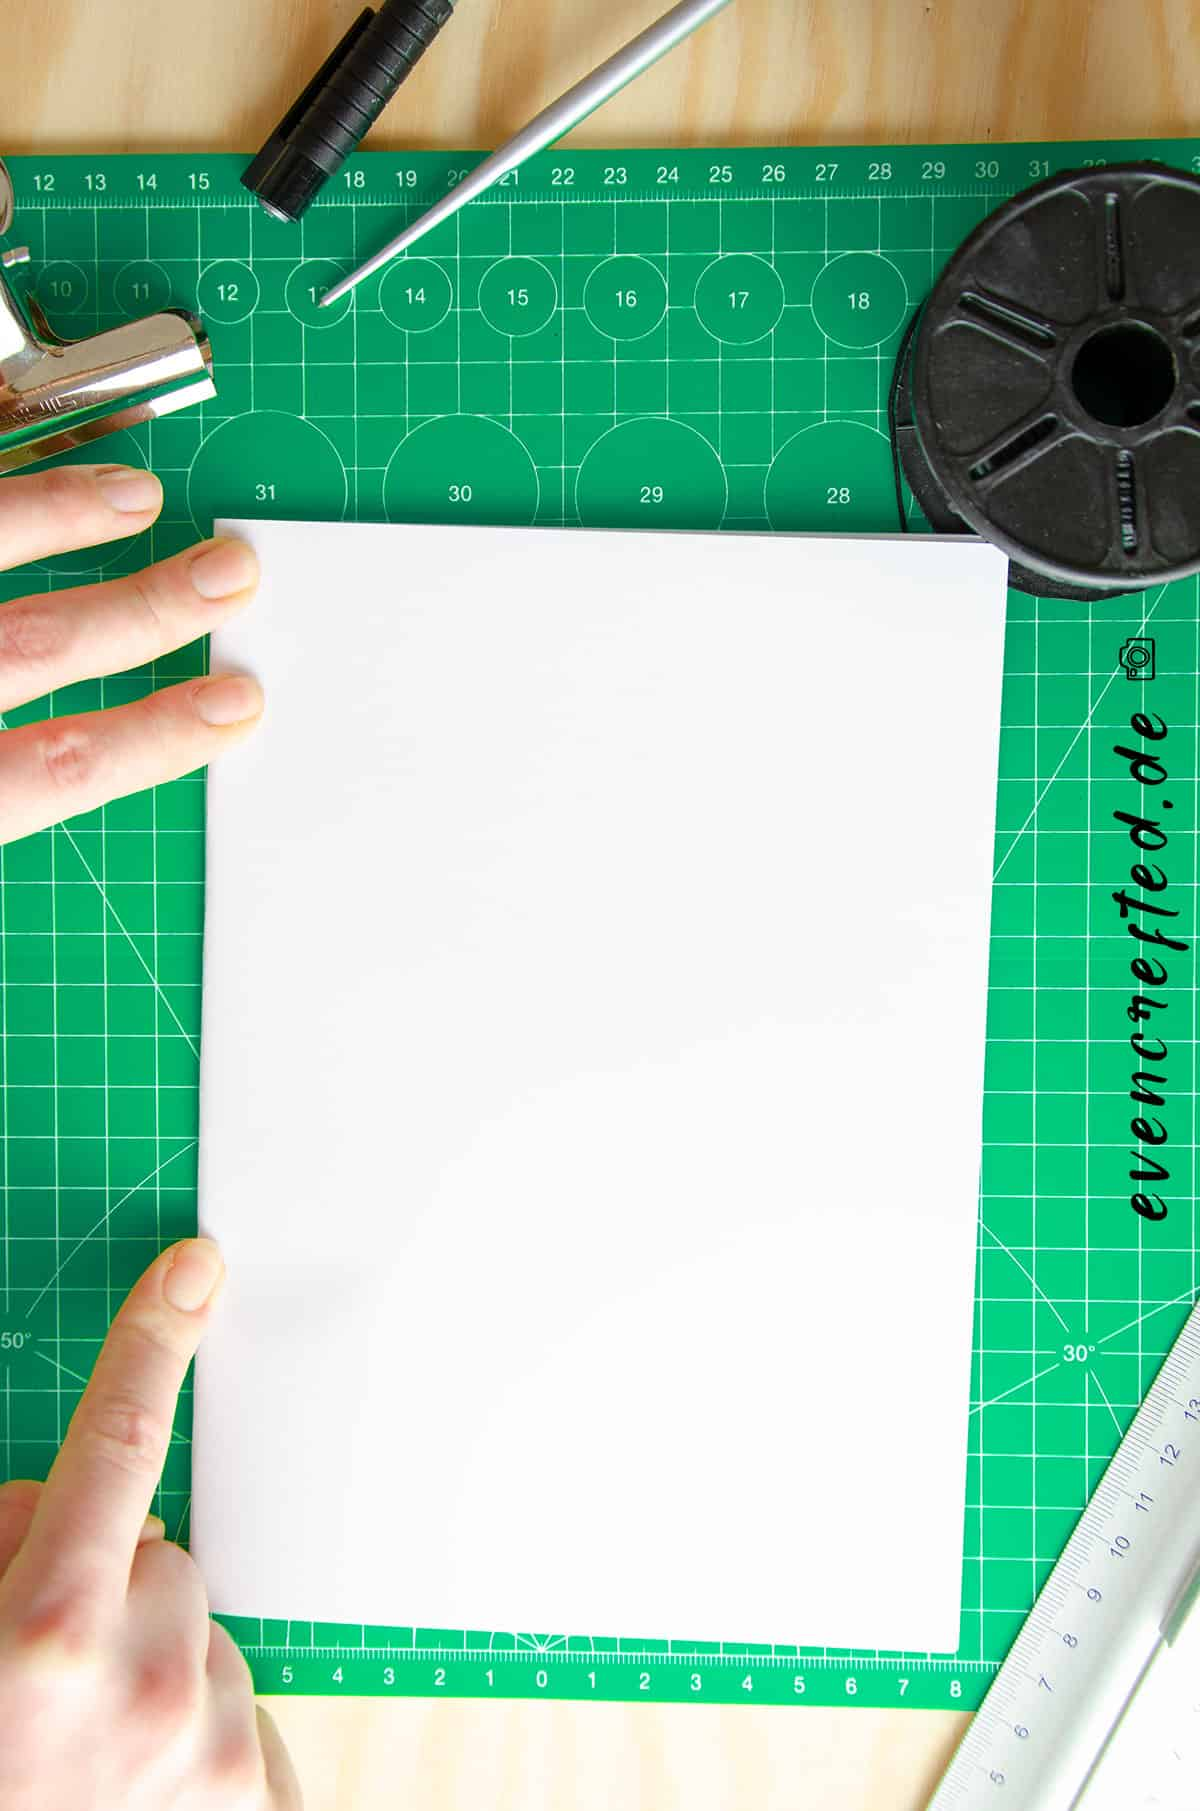 Hast Du mal Lust ein Notizbuch selber zu machen und dann hübsch zu gestalten? Ich zeige dir 6 kreative Ideen wie: Ob als Bullet Journal, Tagesplaner oder Rezeptheft | evencrafted.de ♥ DIY & Naturkosmetik Blog